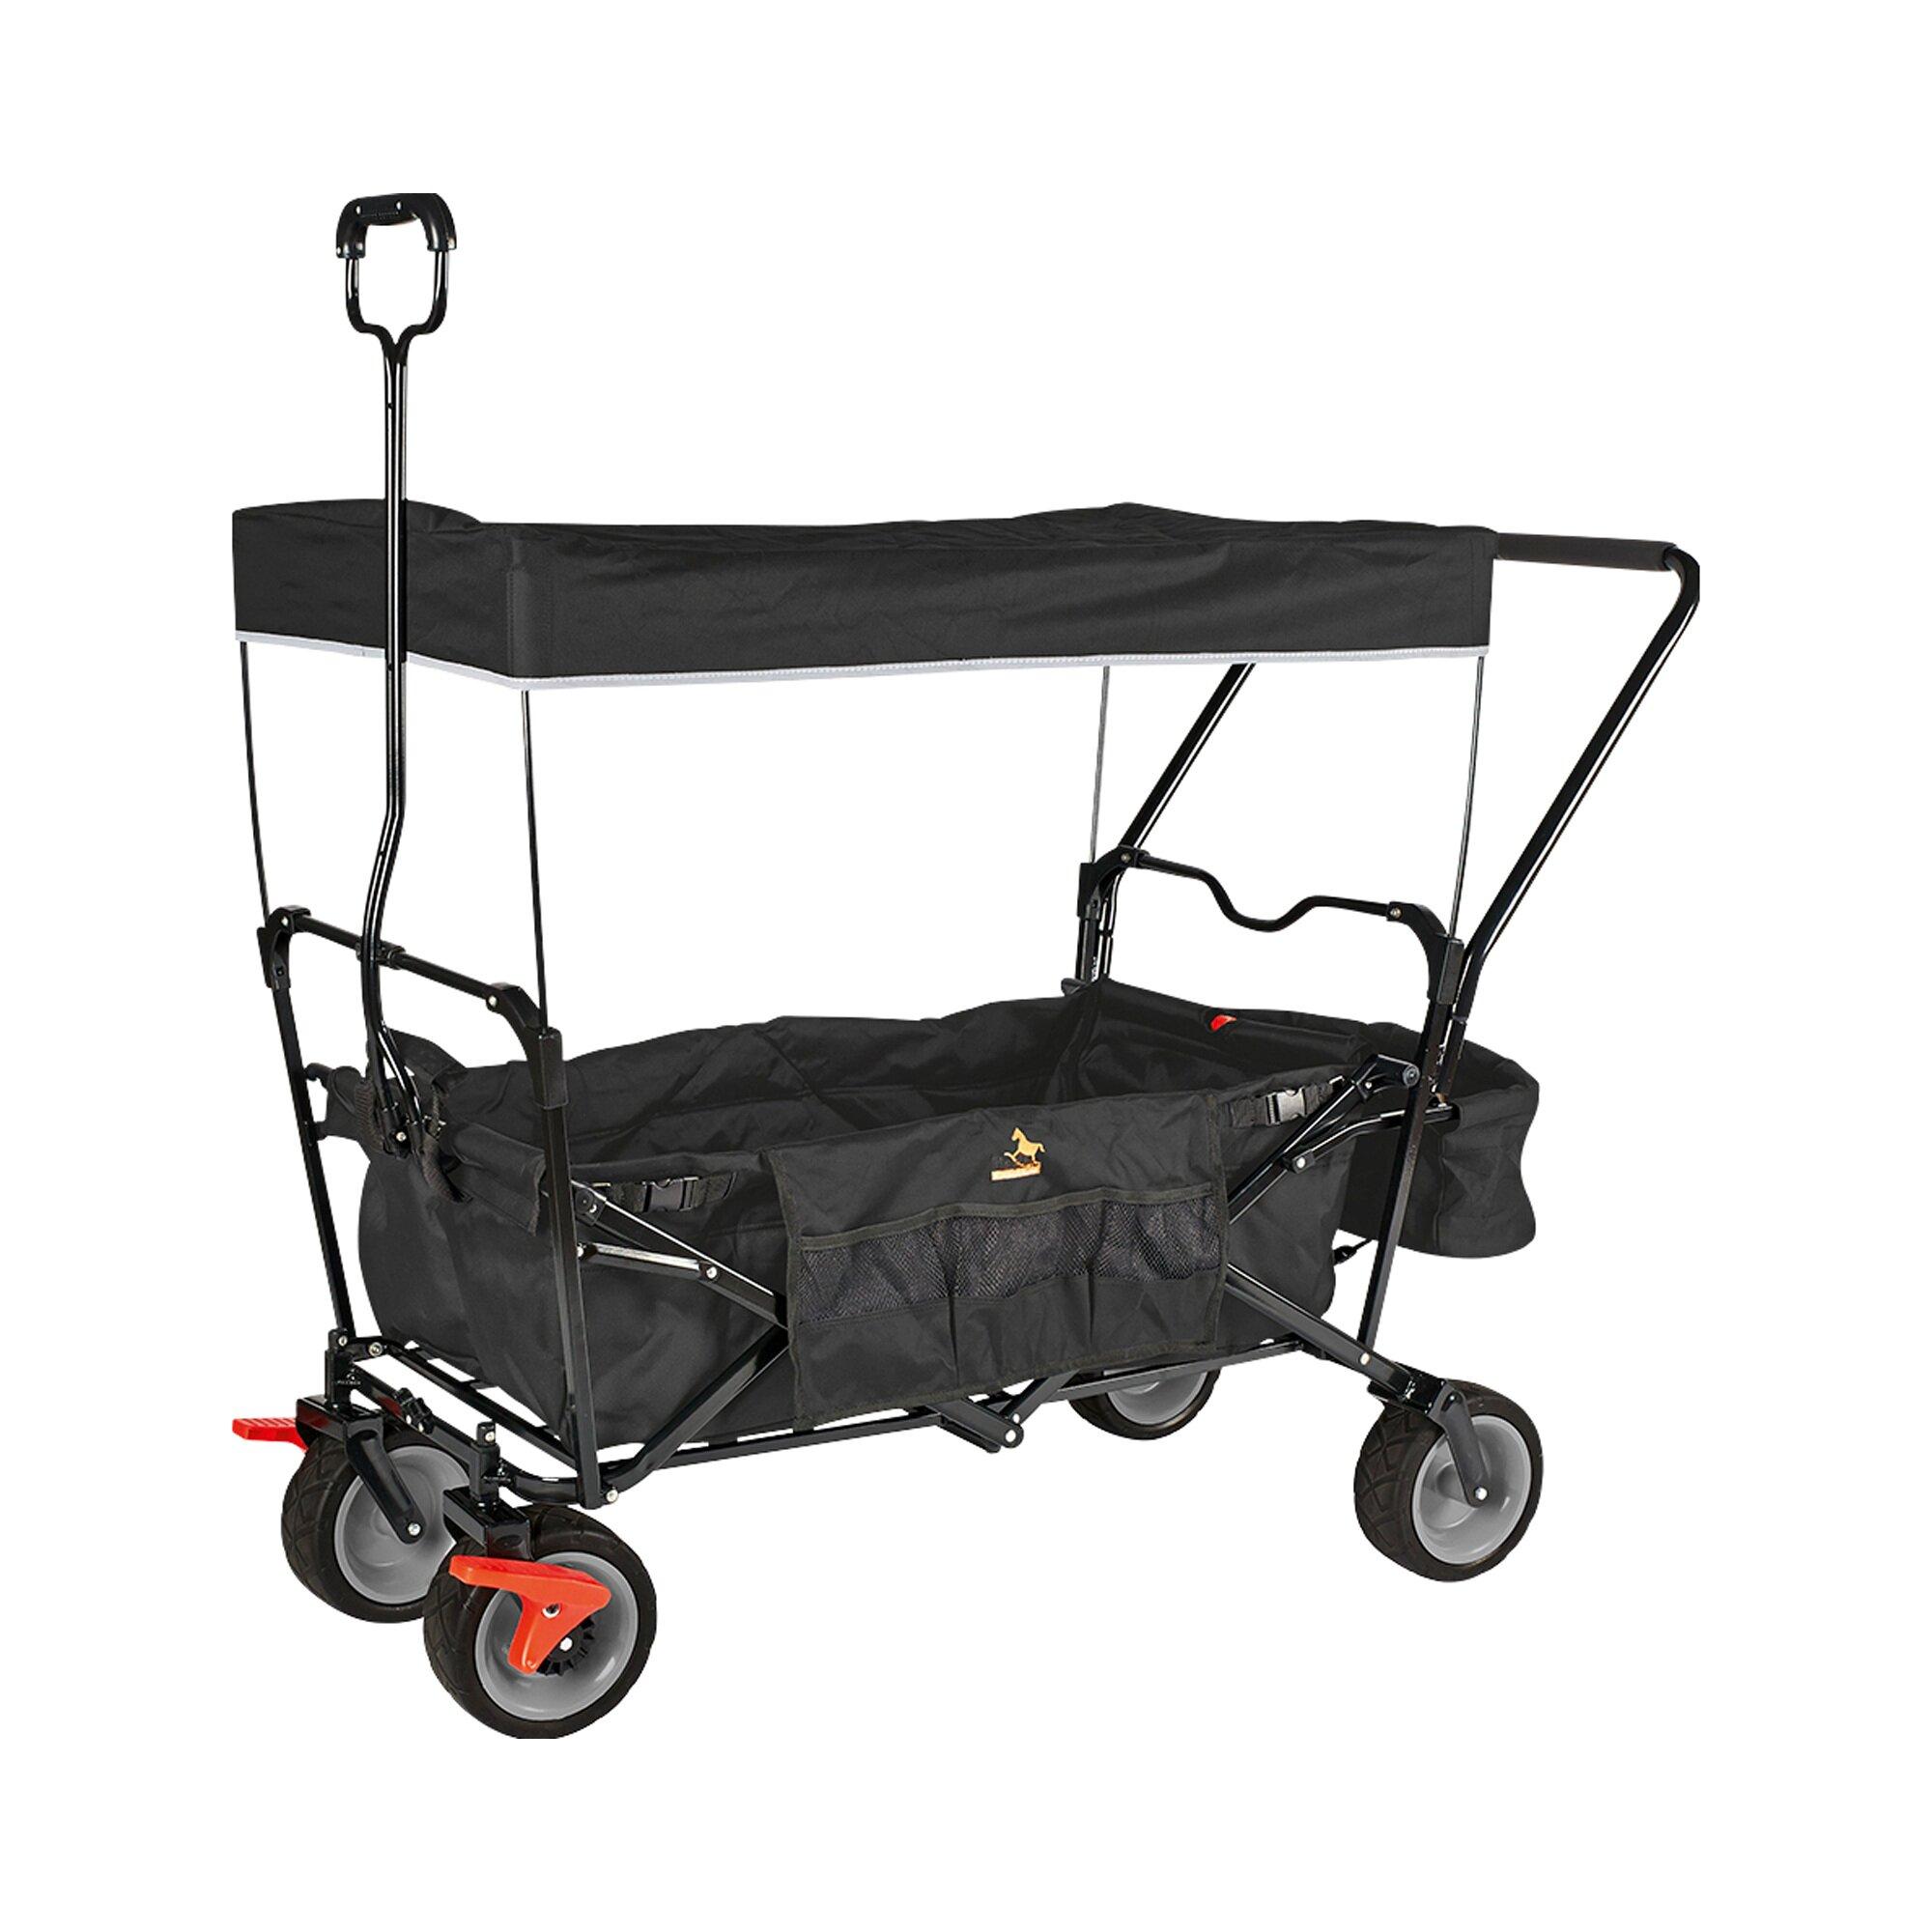 Pinolino Klappbollerwagen Paxi Comfort mit Bremse